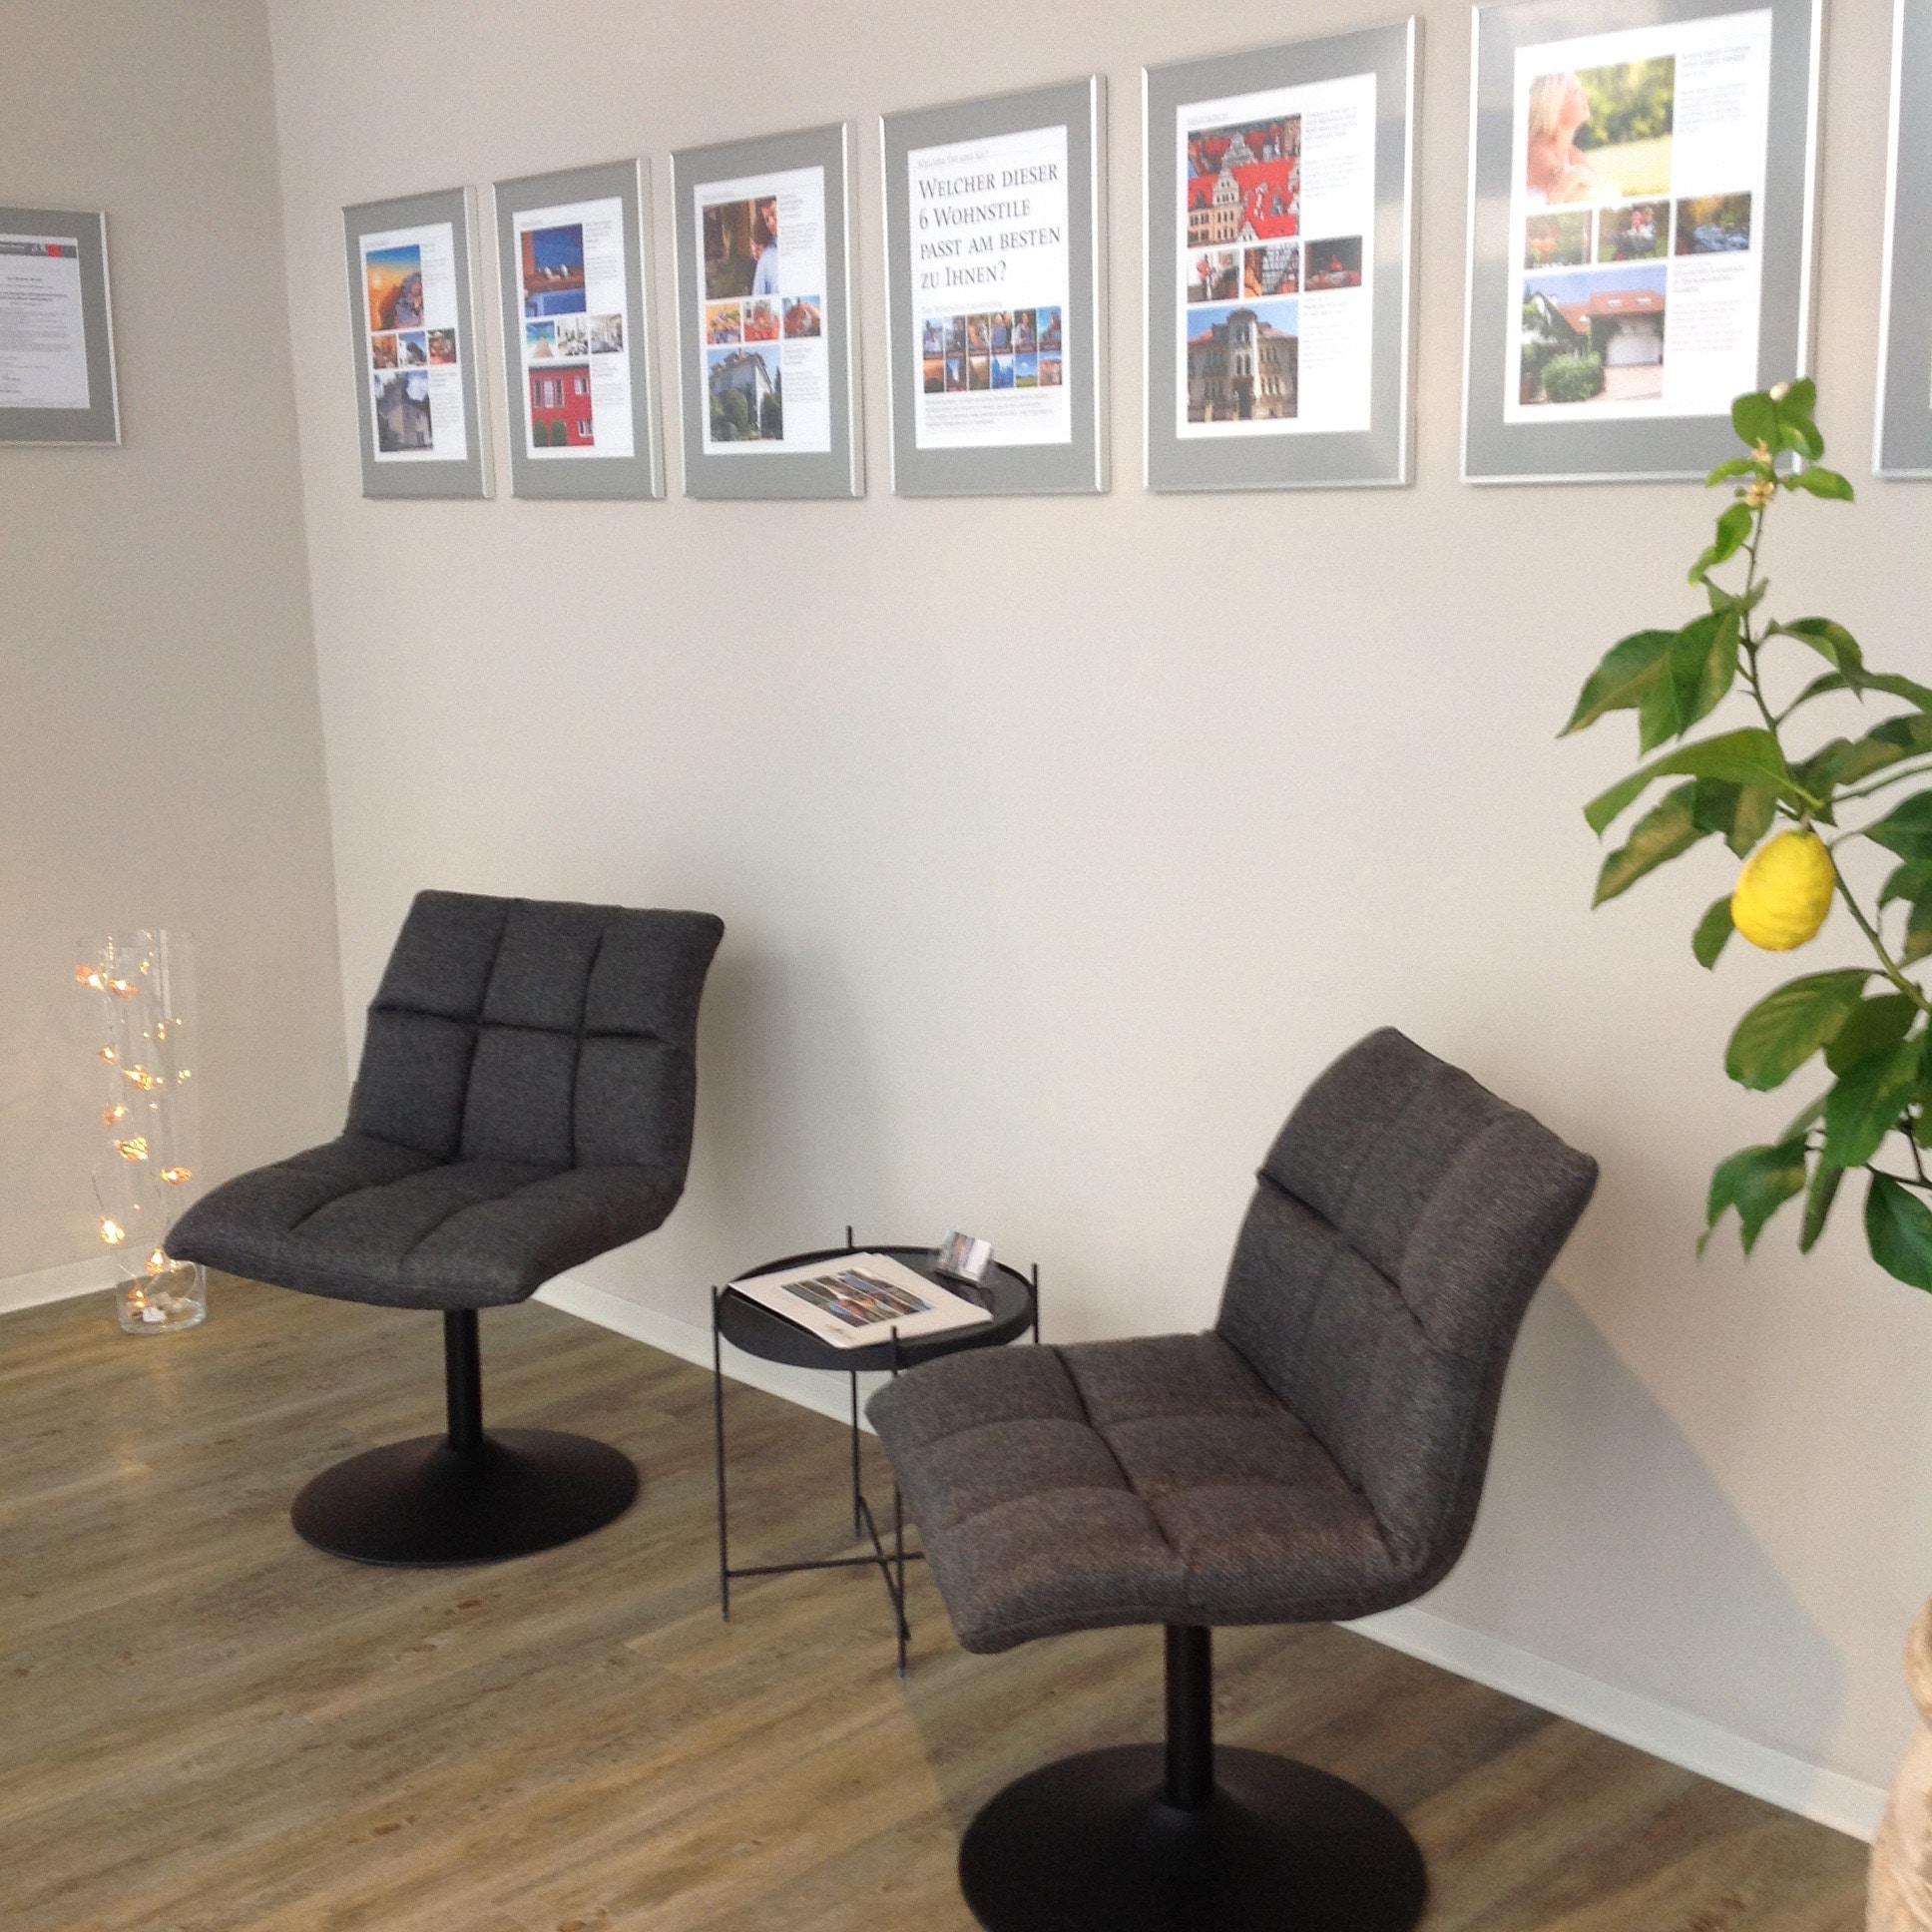 Sessel - Büroeinneneinrichtung Mannheim, Heidelberg - Gaffga Interieur Design. Planung und Ausführung - Lichtplanung - Möbel auf Maß.